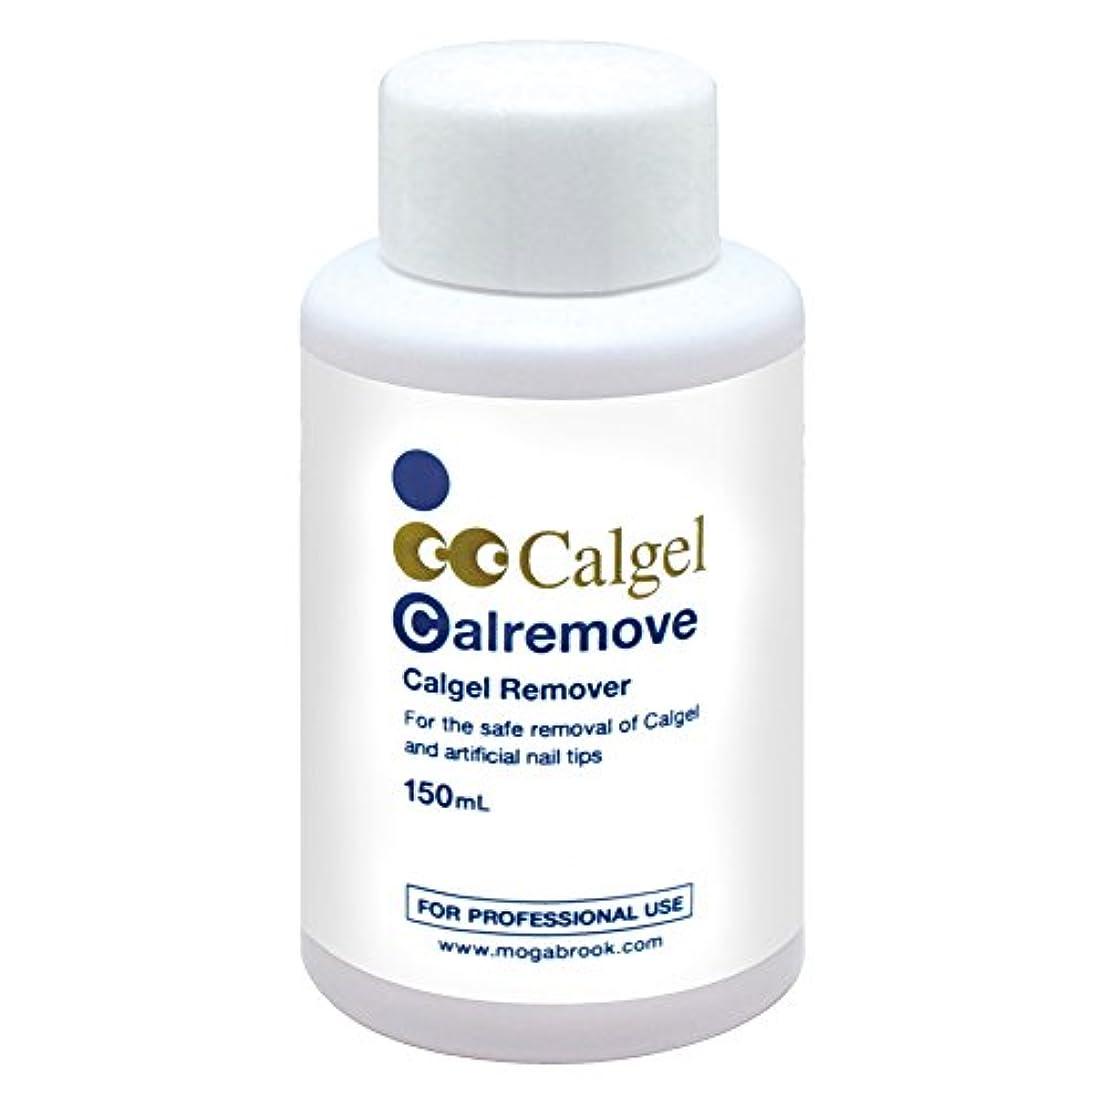 アイスクリーム解体する負荷Calgel カルリムーフ゛150ml ジェルリムーバー